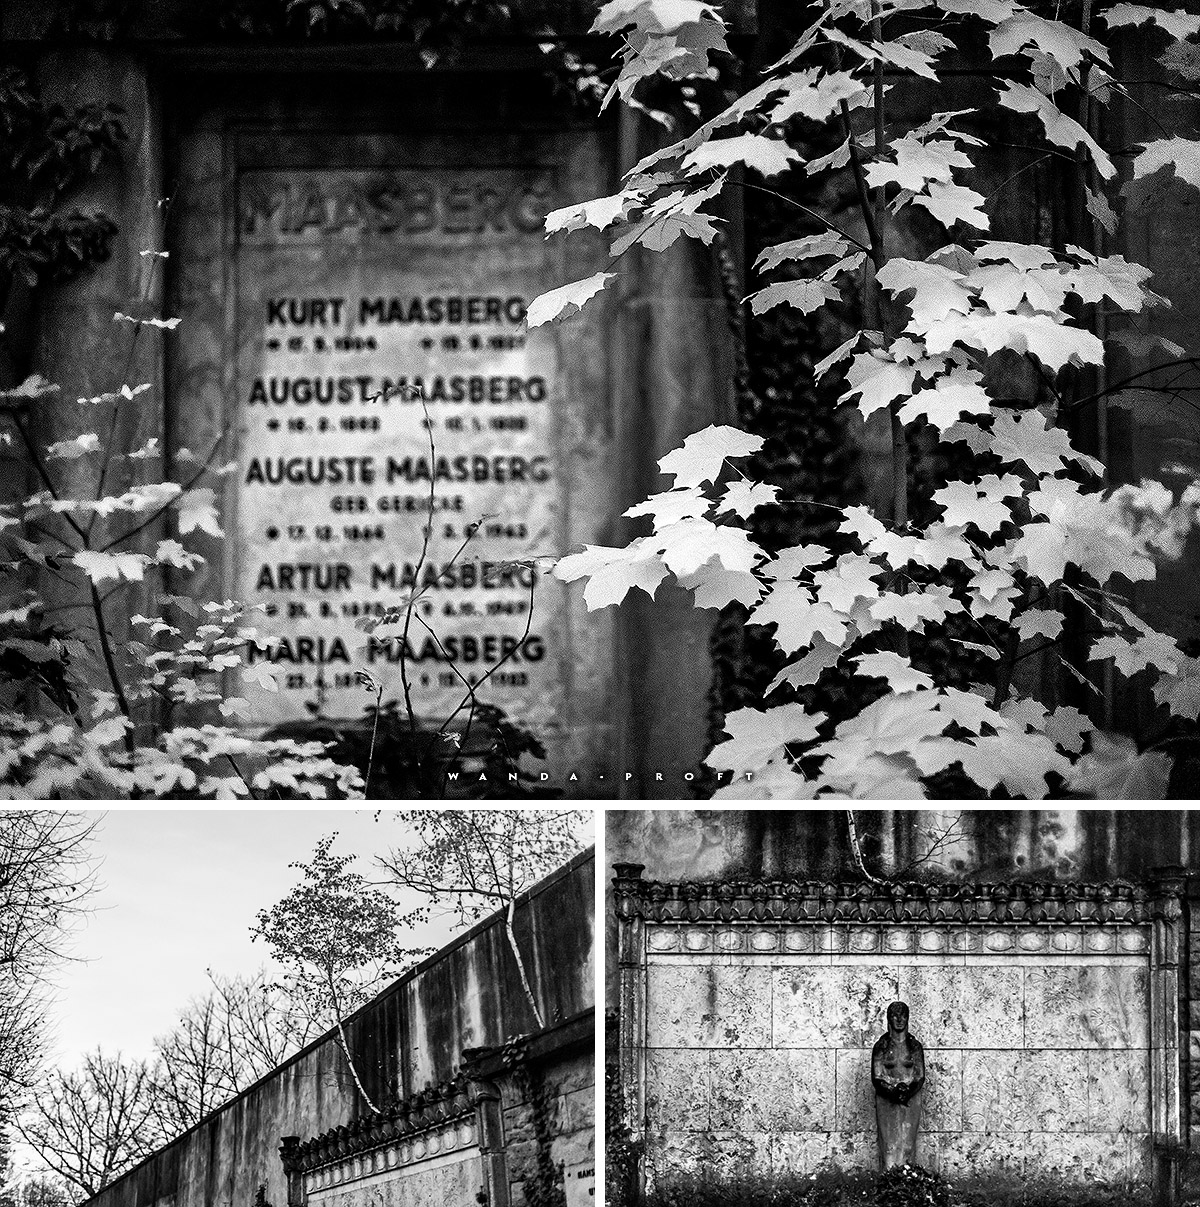 Alte Grabstätten, Friedhof Wilmersdorf, Wilmersdorf, Berlin 2018/11/07 © Wanda Proft